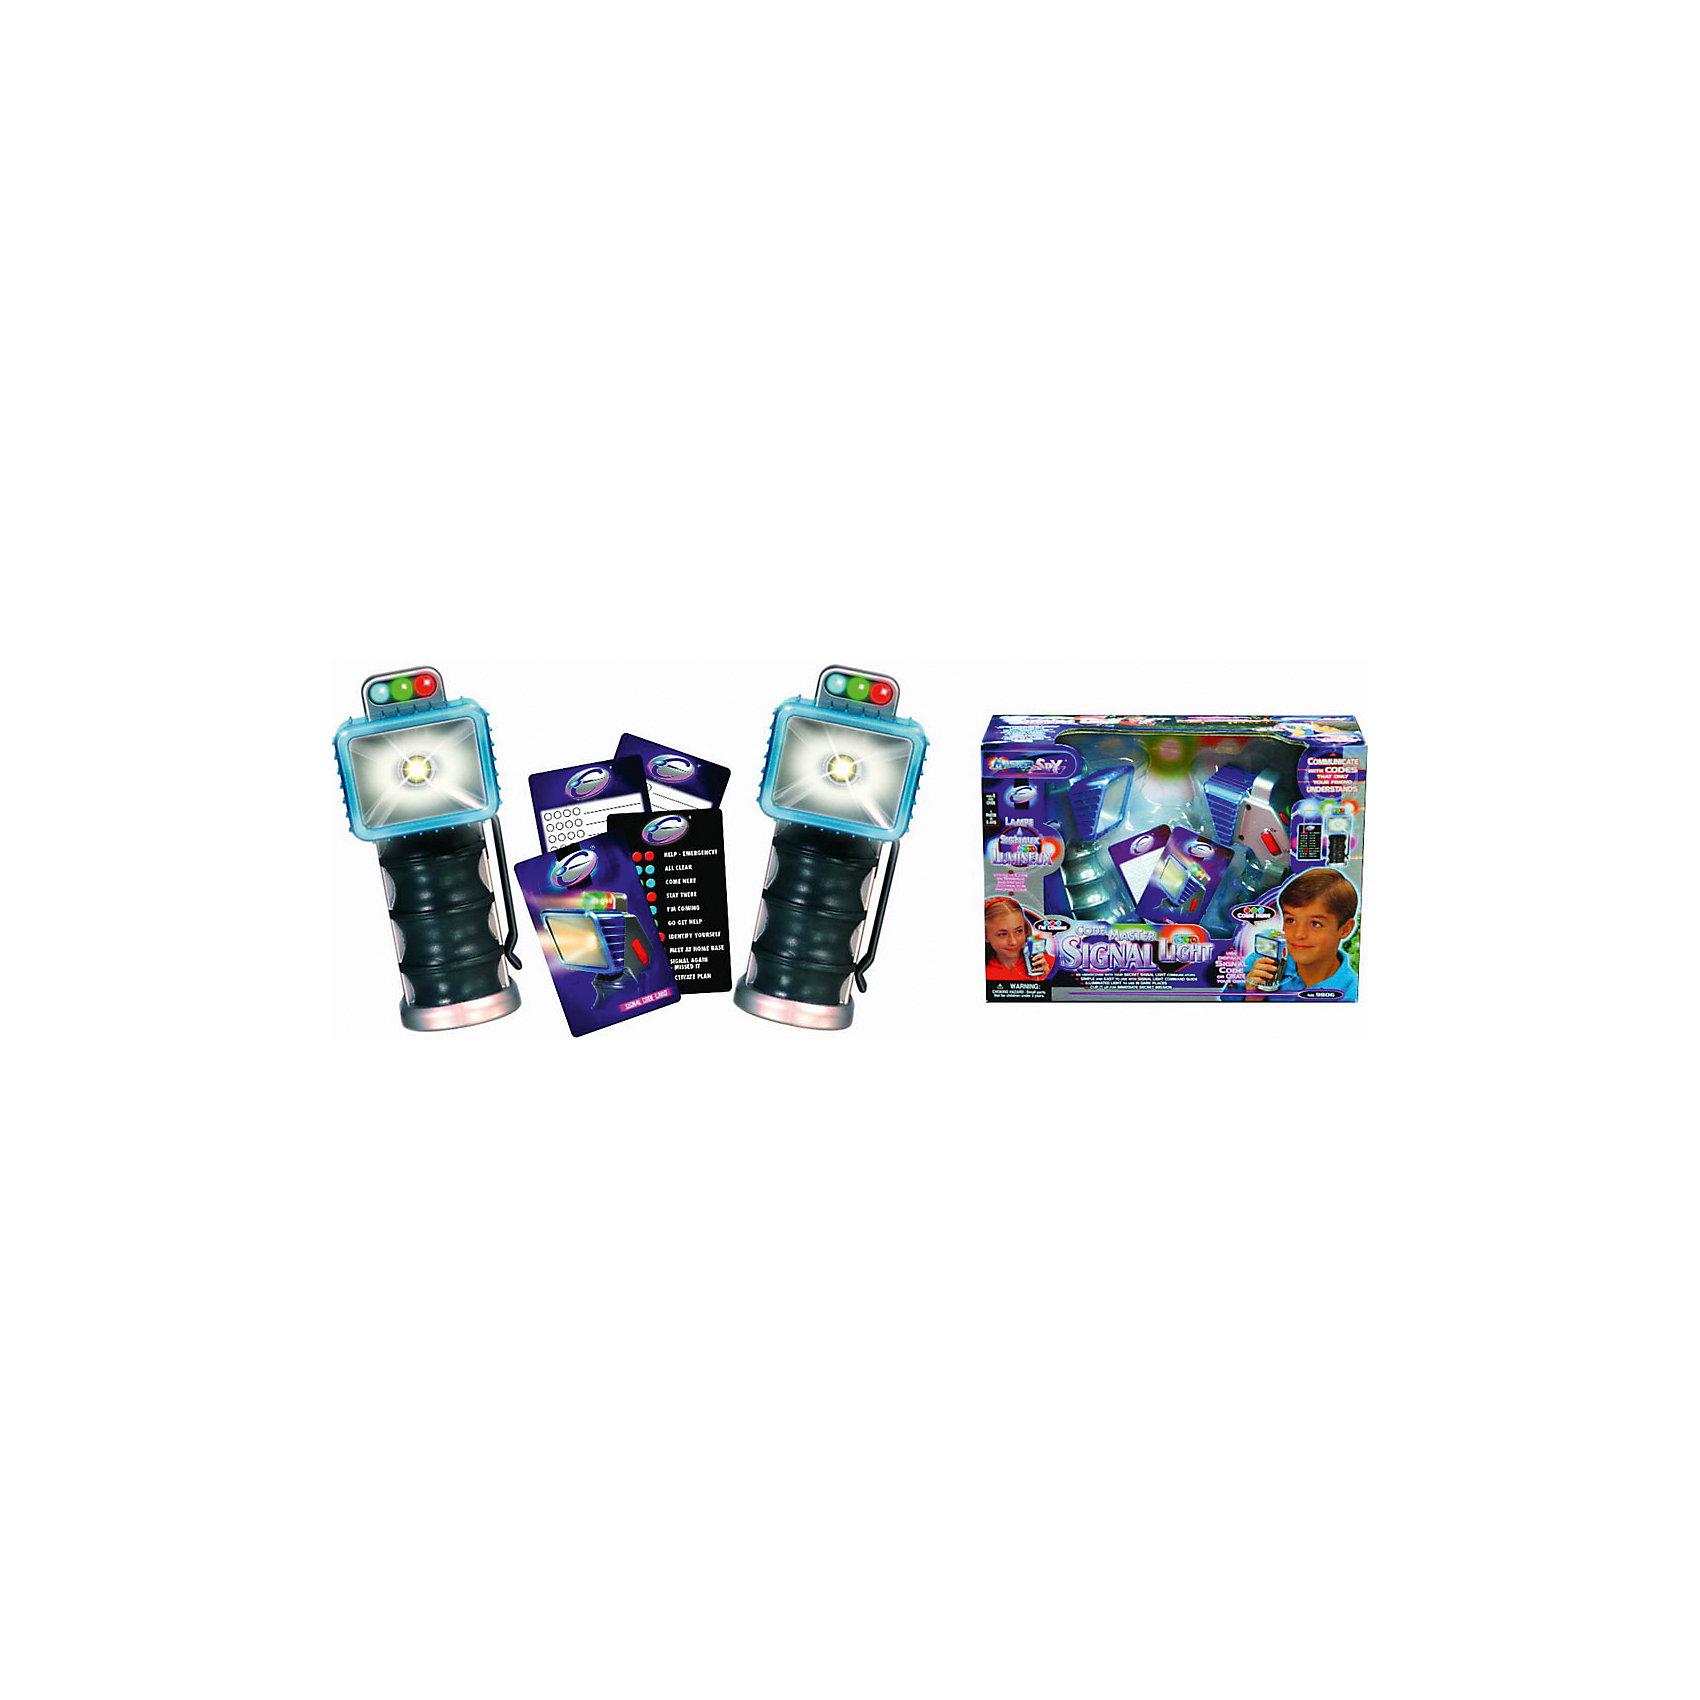 Сигнальные лампы, EastcolightНаборы шпиона<br>Сигнальные лампы, Eastcolight - оригинальный подарок, который обязательно порадует все юных любителей игр в суперагентов и секретные миссии. Сигнальные лампы предназначены для передачи сообщений на расстояние посредством света. В комплект входят два сигнальных фонаря с кнопками и карточки для кодов. Чтобы передать секретное сообщение нужно нажать кнопки в определенной последовательности. Во время игры Вы можете использовать стандартные коды или придумать свои. Трехцветные лампы позволяют разнообразить комбинации кодов. С помощью сигналов маленький разведчик может передать информацию о приближающейся опасности, результатах разведки или для поиска нужных объектов. Игрушка развивает внимательность, воображение, логическое мышление, реакцию, память и зрительное восприятие.<br><br>Дополнительная информация:<br><br>- В комплекте: 2 сигнальные лампы с кнопками, карточки кодов, подробная инструкция.<br>- Материал: пластик, стекло.<br>- Требуются батарейки: 8 х ААА (в комплект не входят).<br>- Размер упаковки: 22,5 х 18 х 9,8 см.<br><br>Сигнальные лампы, Eastcolight, можно купить в нашем интернет-магазине.<br><br>Ширина мм: 305<br>Глубина мм: 216<br>Высота мм: 102<br>Вес г: 630<br>Возраст от месяцев: 60<br>Возраст до месяцев: 180<br>Пол: Унисекс<br>Возраст: Детский<br>SKU: 4627935